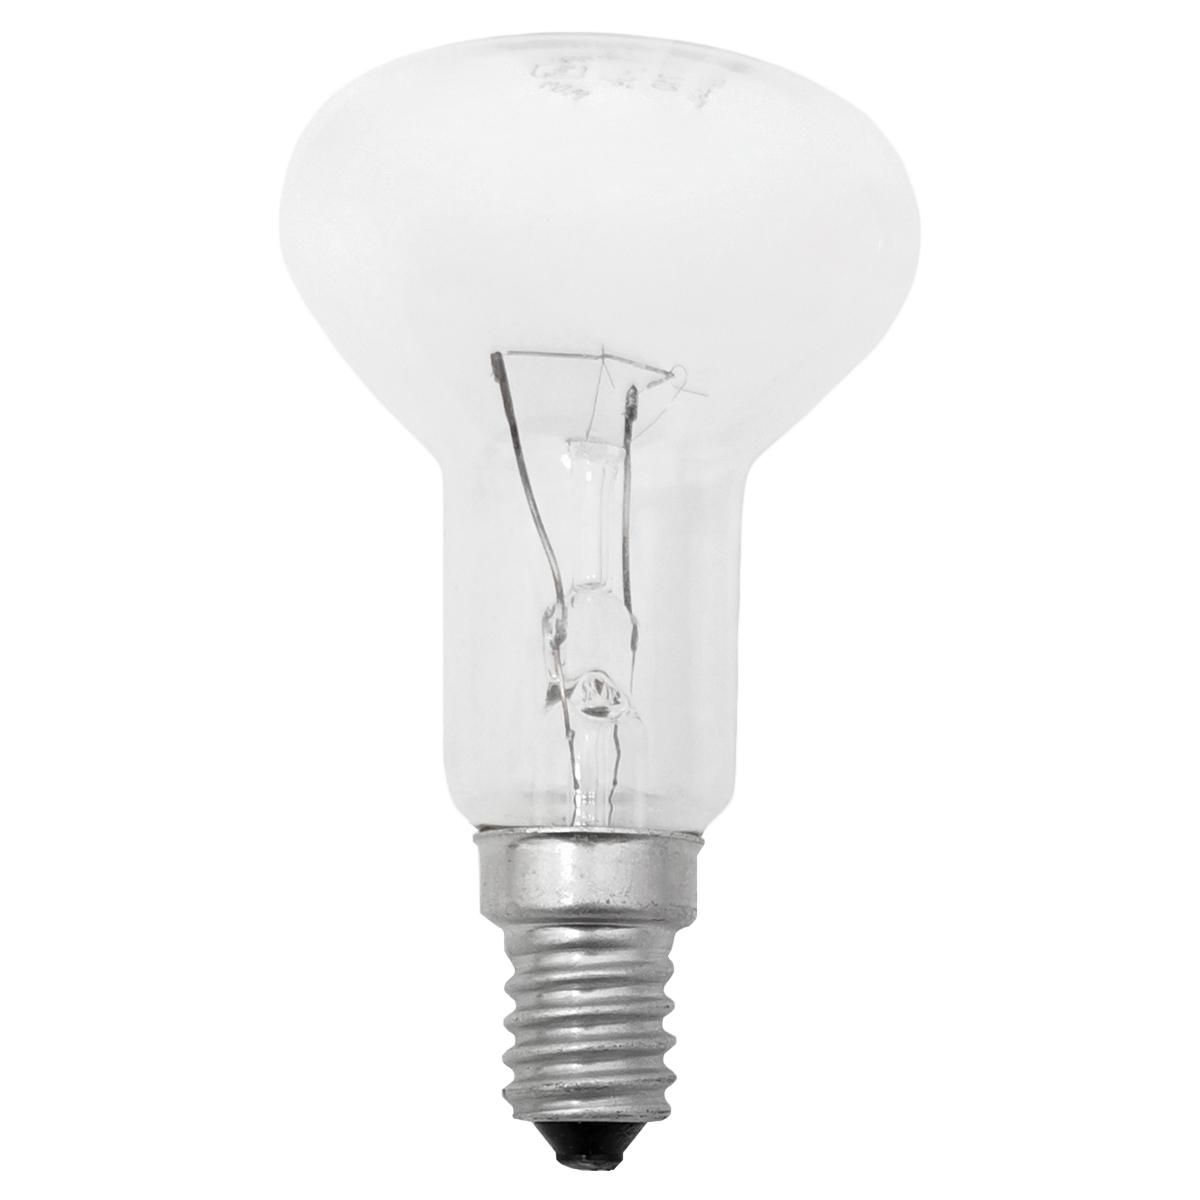 لامپ رشته ای 40 وات لامپ پارس کد 710 پایه E14